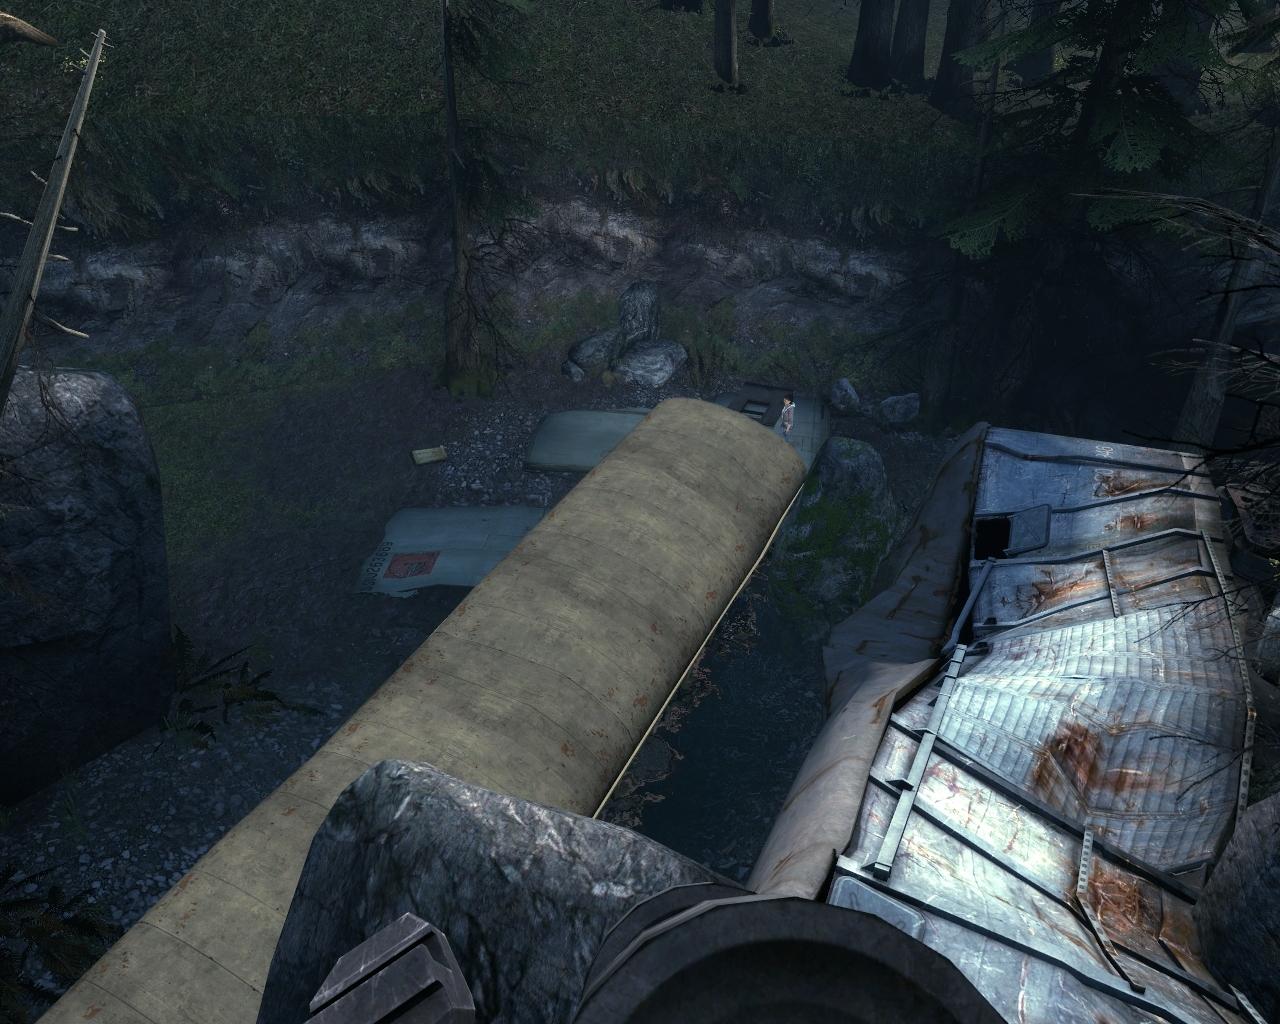 ep2_outland_010049.jpg - Half-Life 2